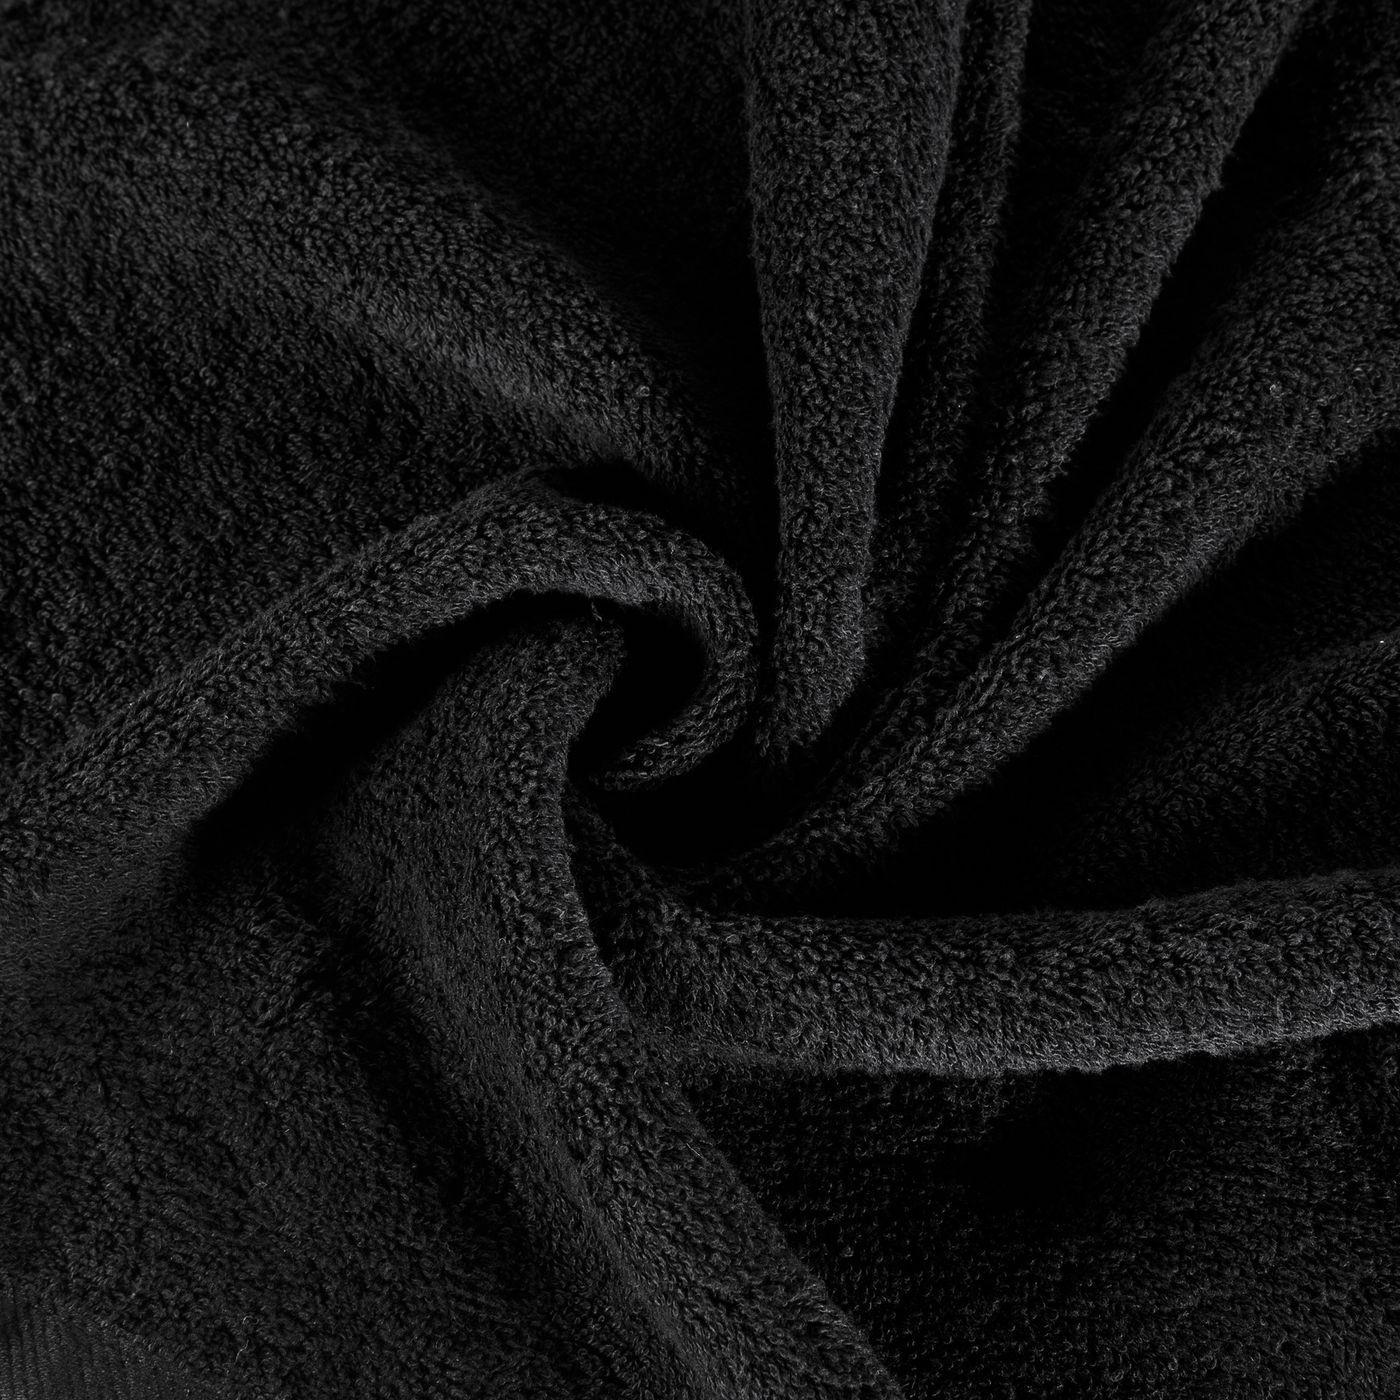 Ręcznik bawełniany gładki czarny 50x90 cm